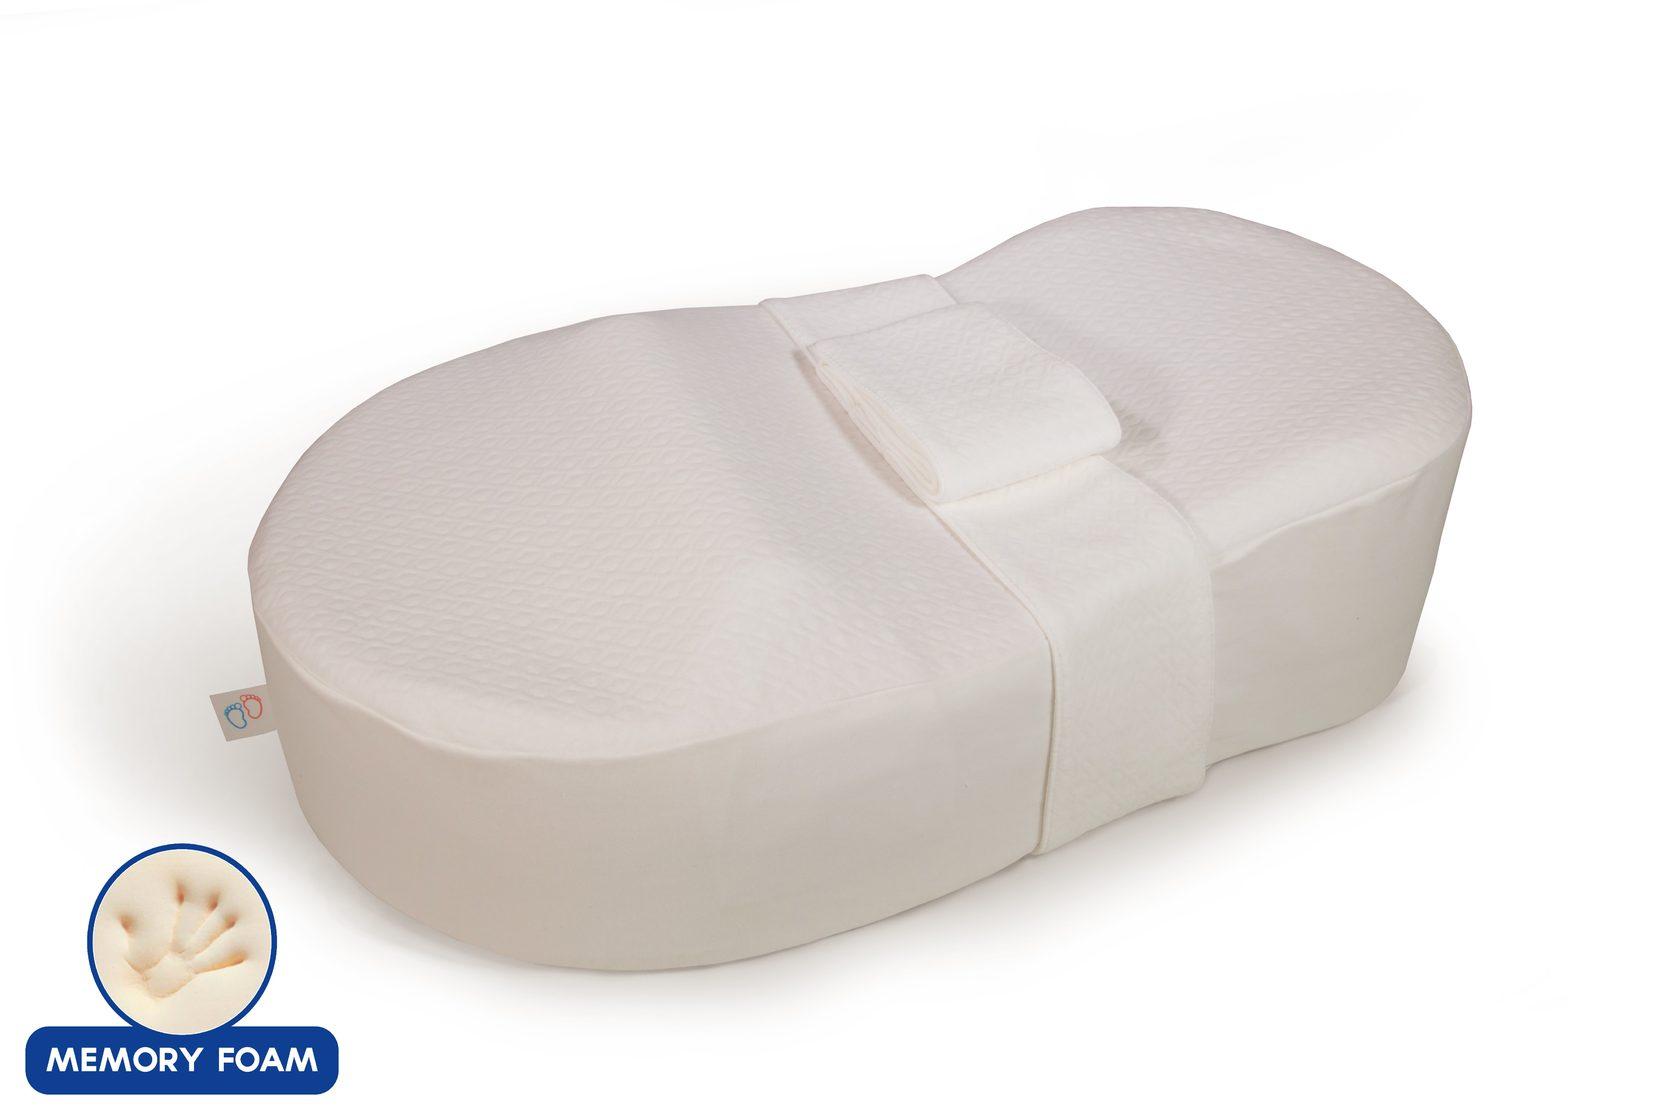 Кокон для новорожденного Седьмое Небо из пенополиуретана MemoryFoam с 1 чехлом